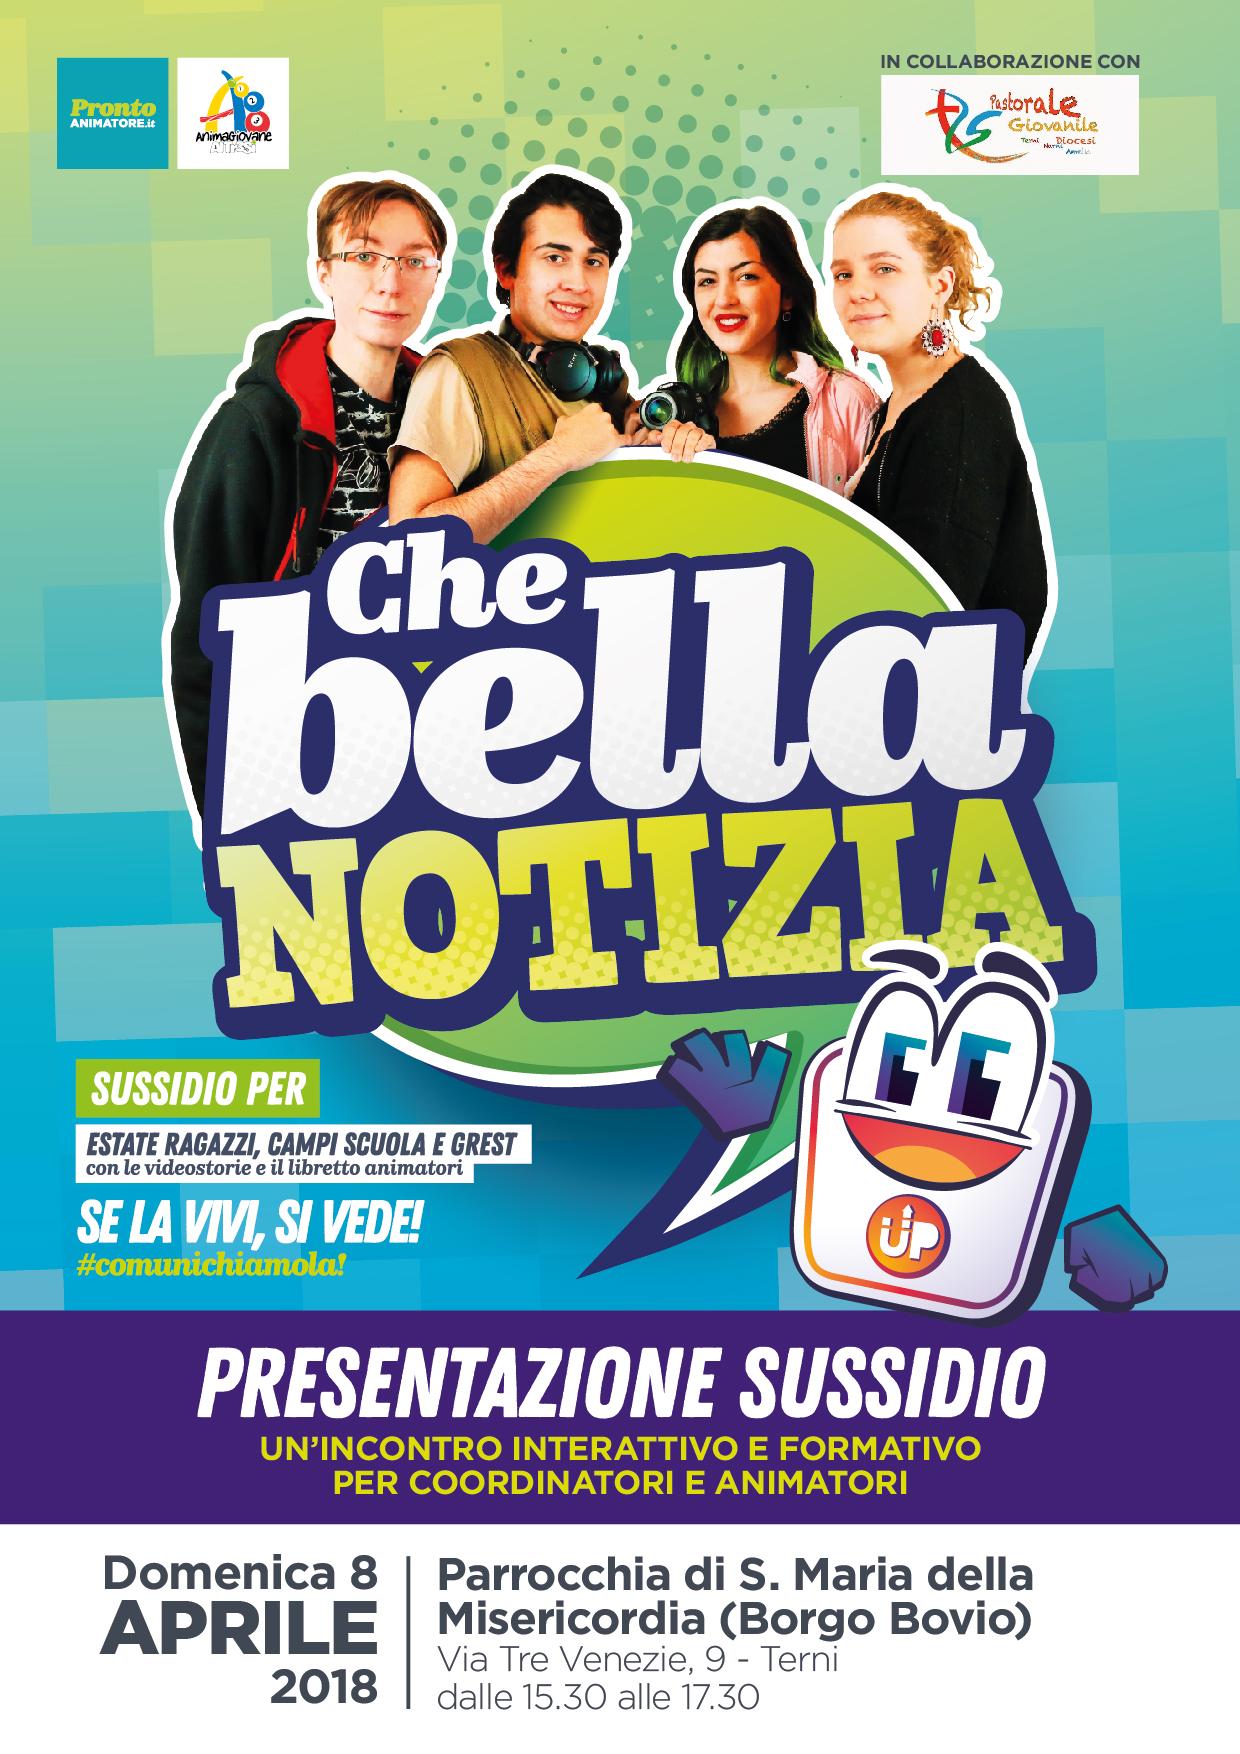 Presentazione Grest 2018 CHE BELLA NOTIZIA